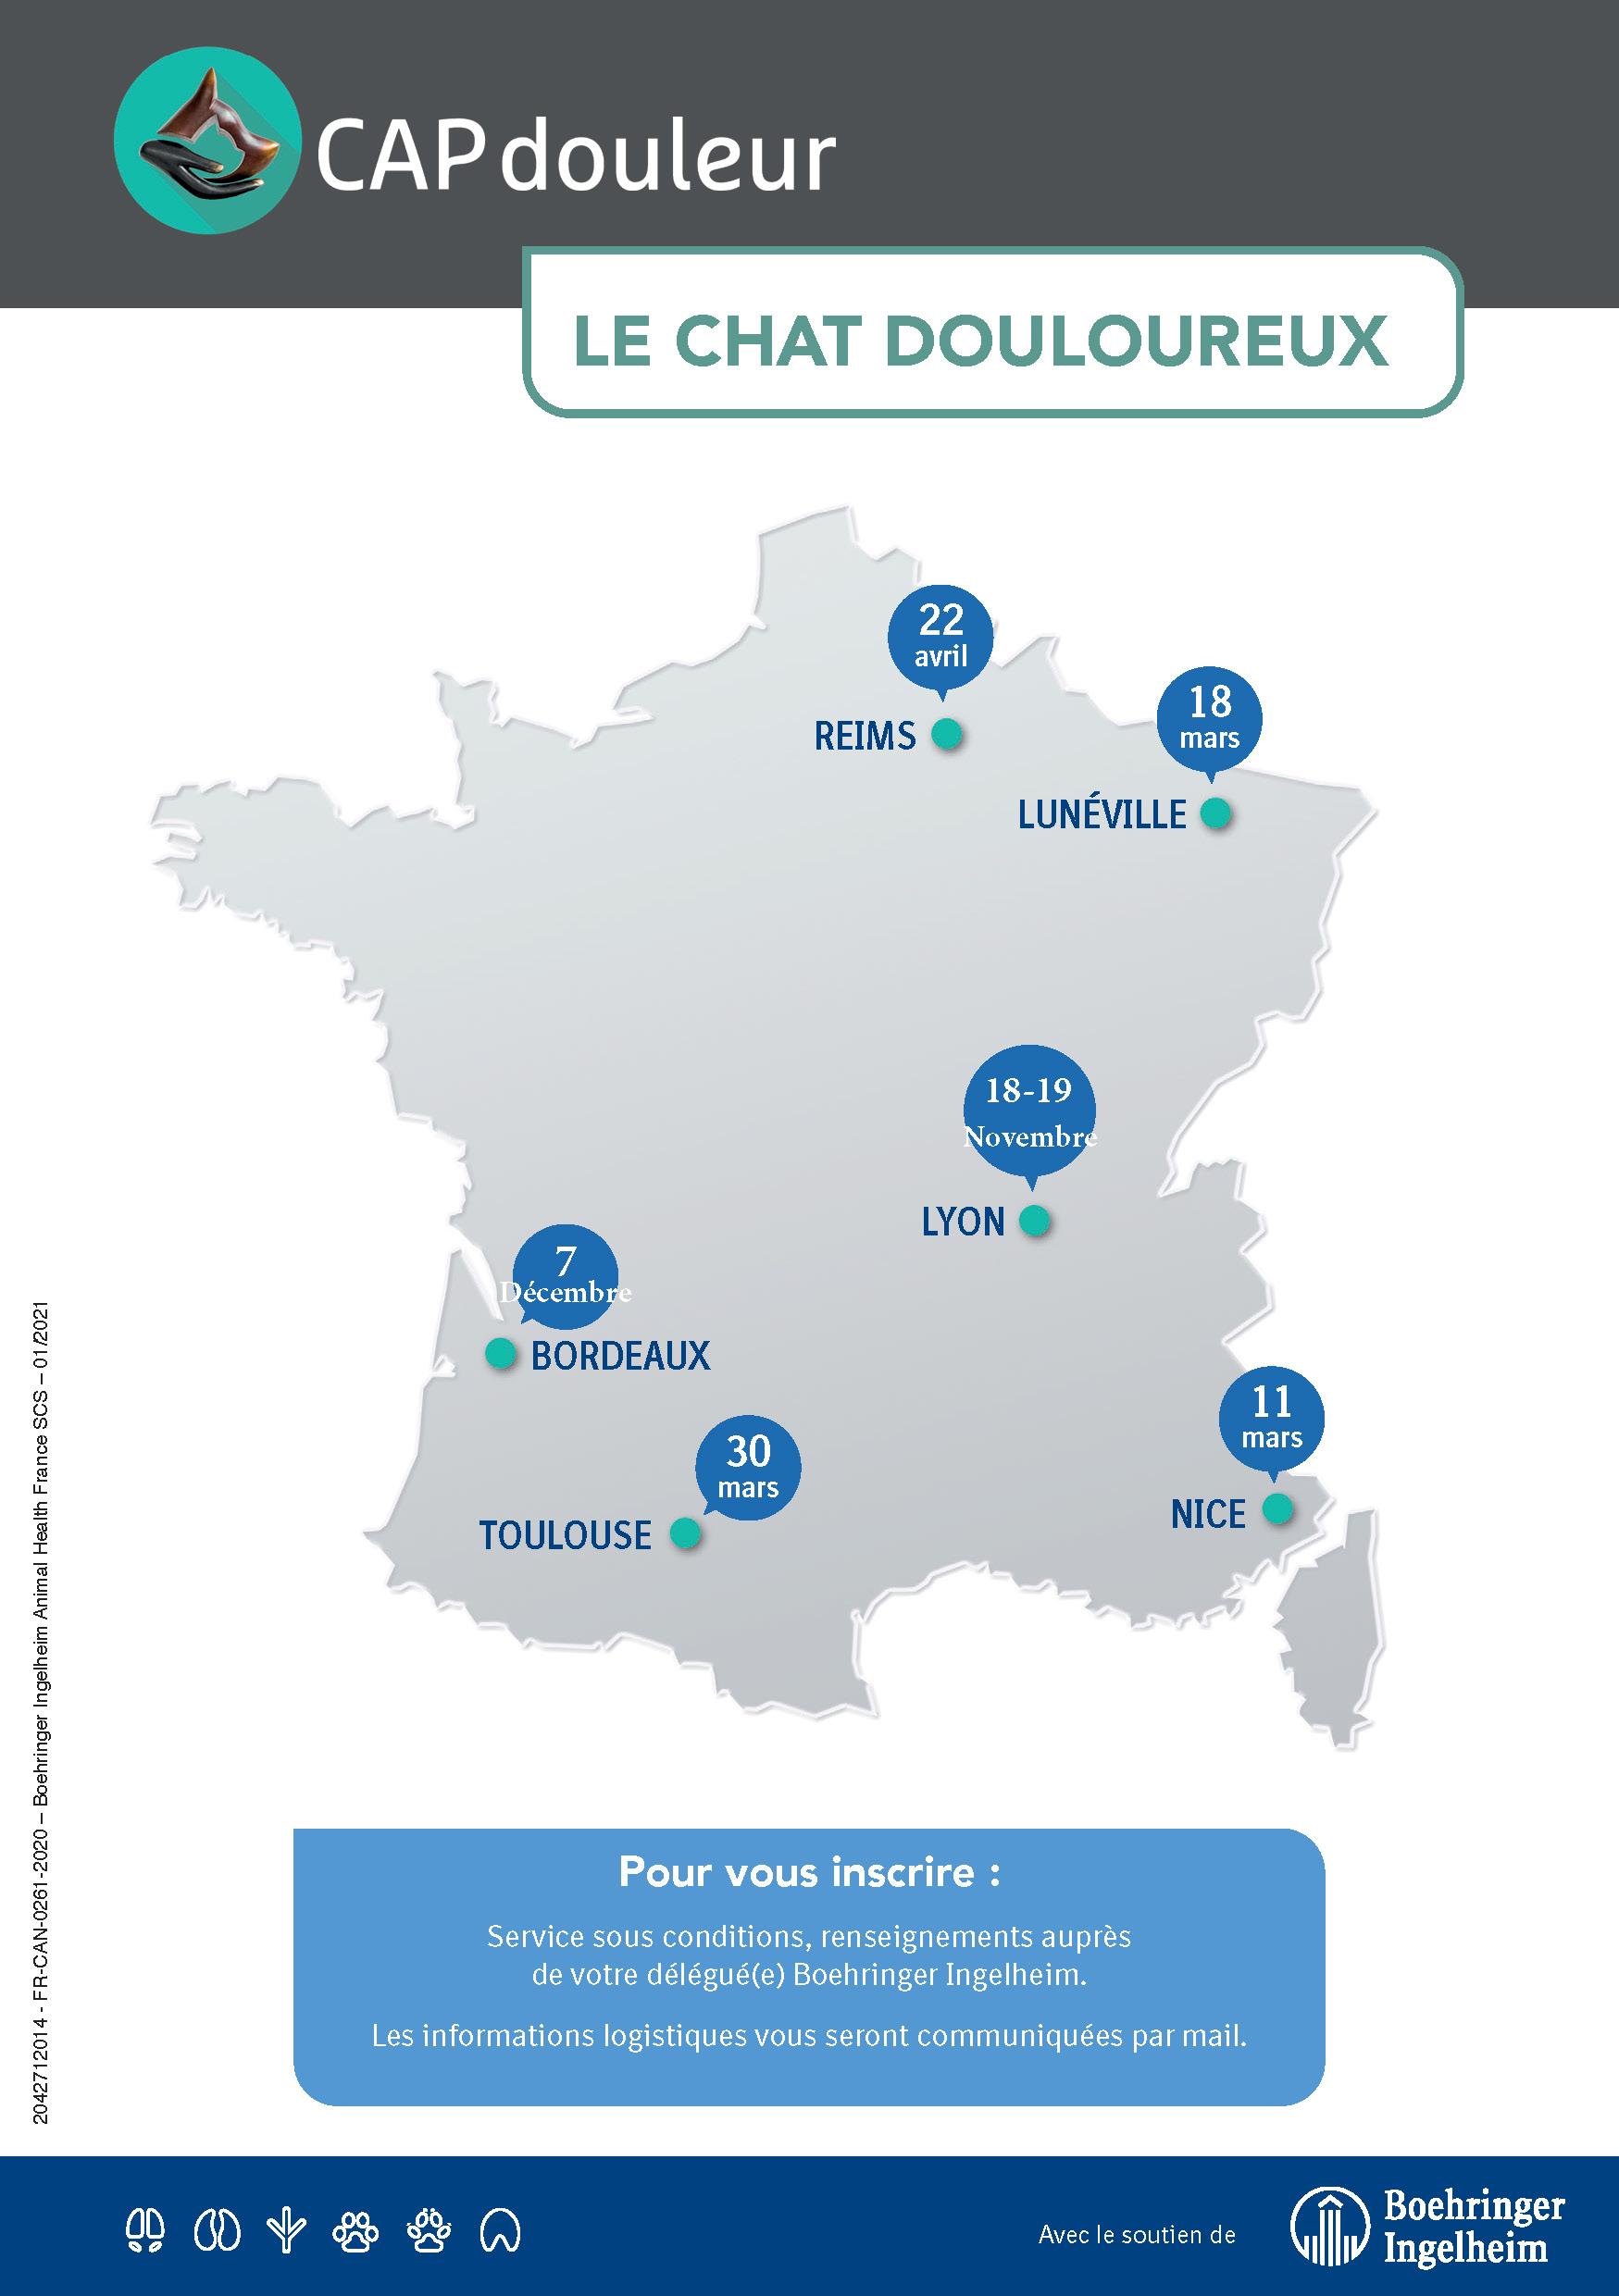 CAPDouleur-Invit-1-Chat_2020-11-30_A5-HD_Page_2